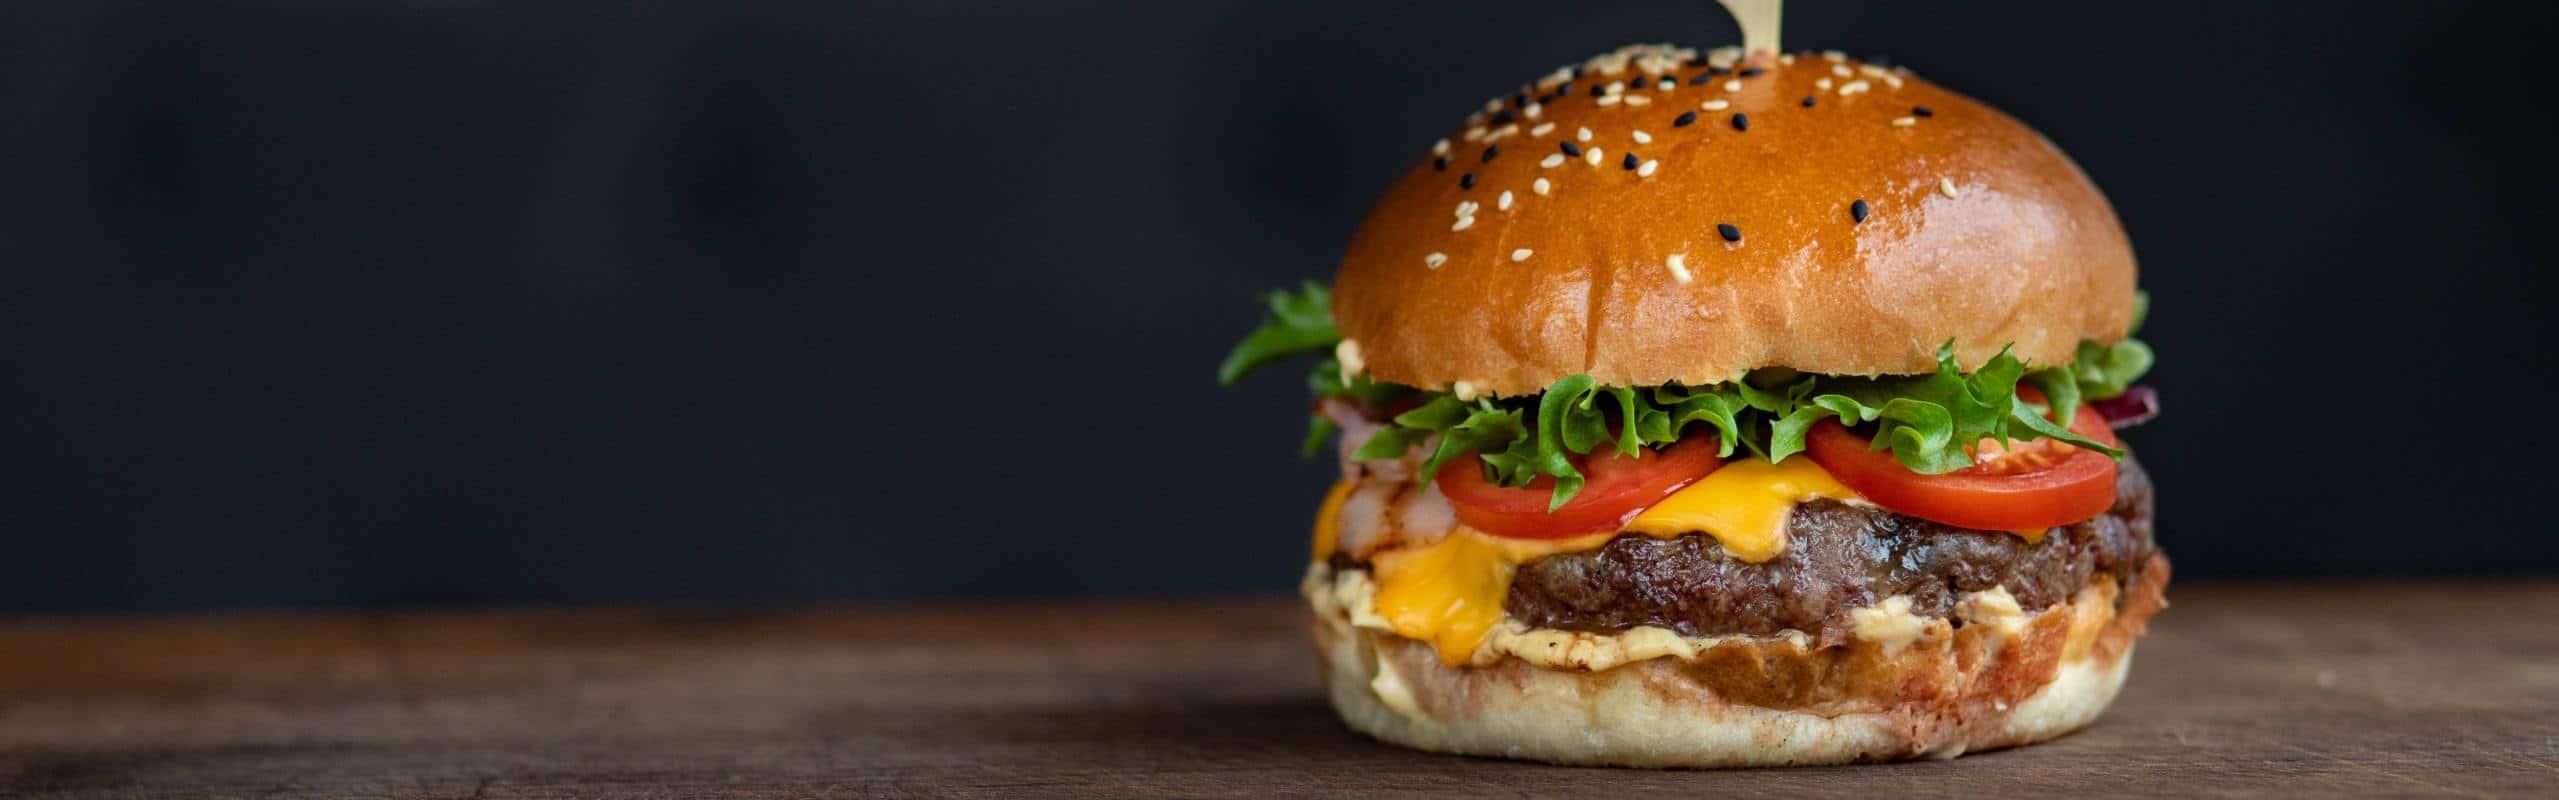 cómo preparar las hamburguesas caseras más deliciosas